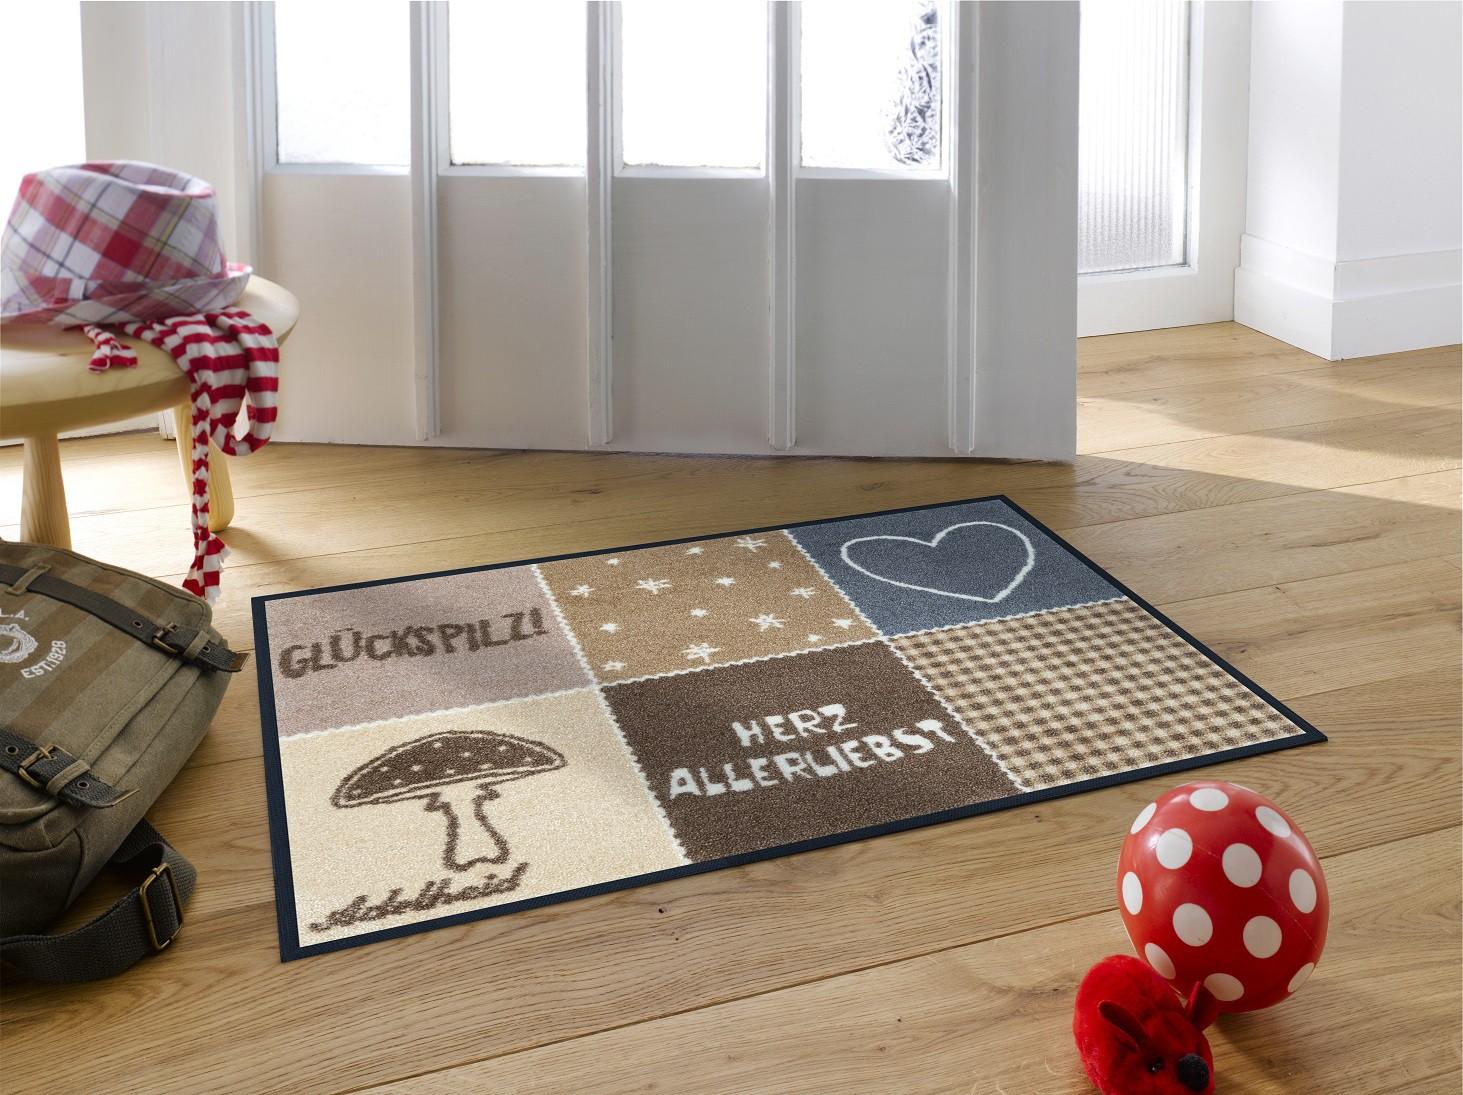 wash dry fu matte herzallerliebst adelheid waschbare fu matte. Black Bedroom Furniture Sets. Home Design Ideas